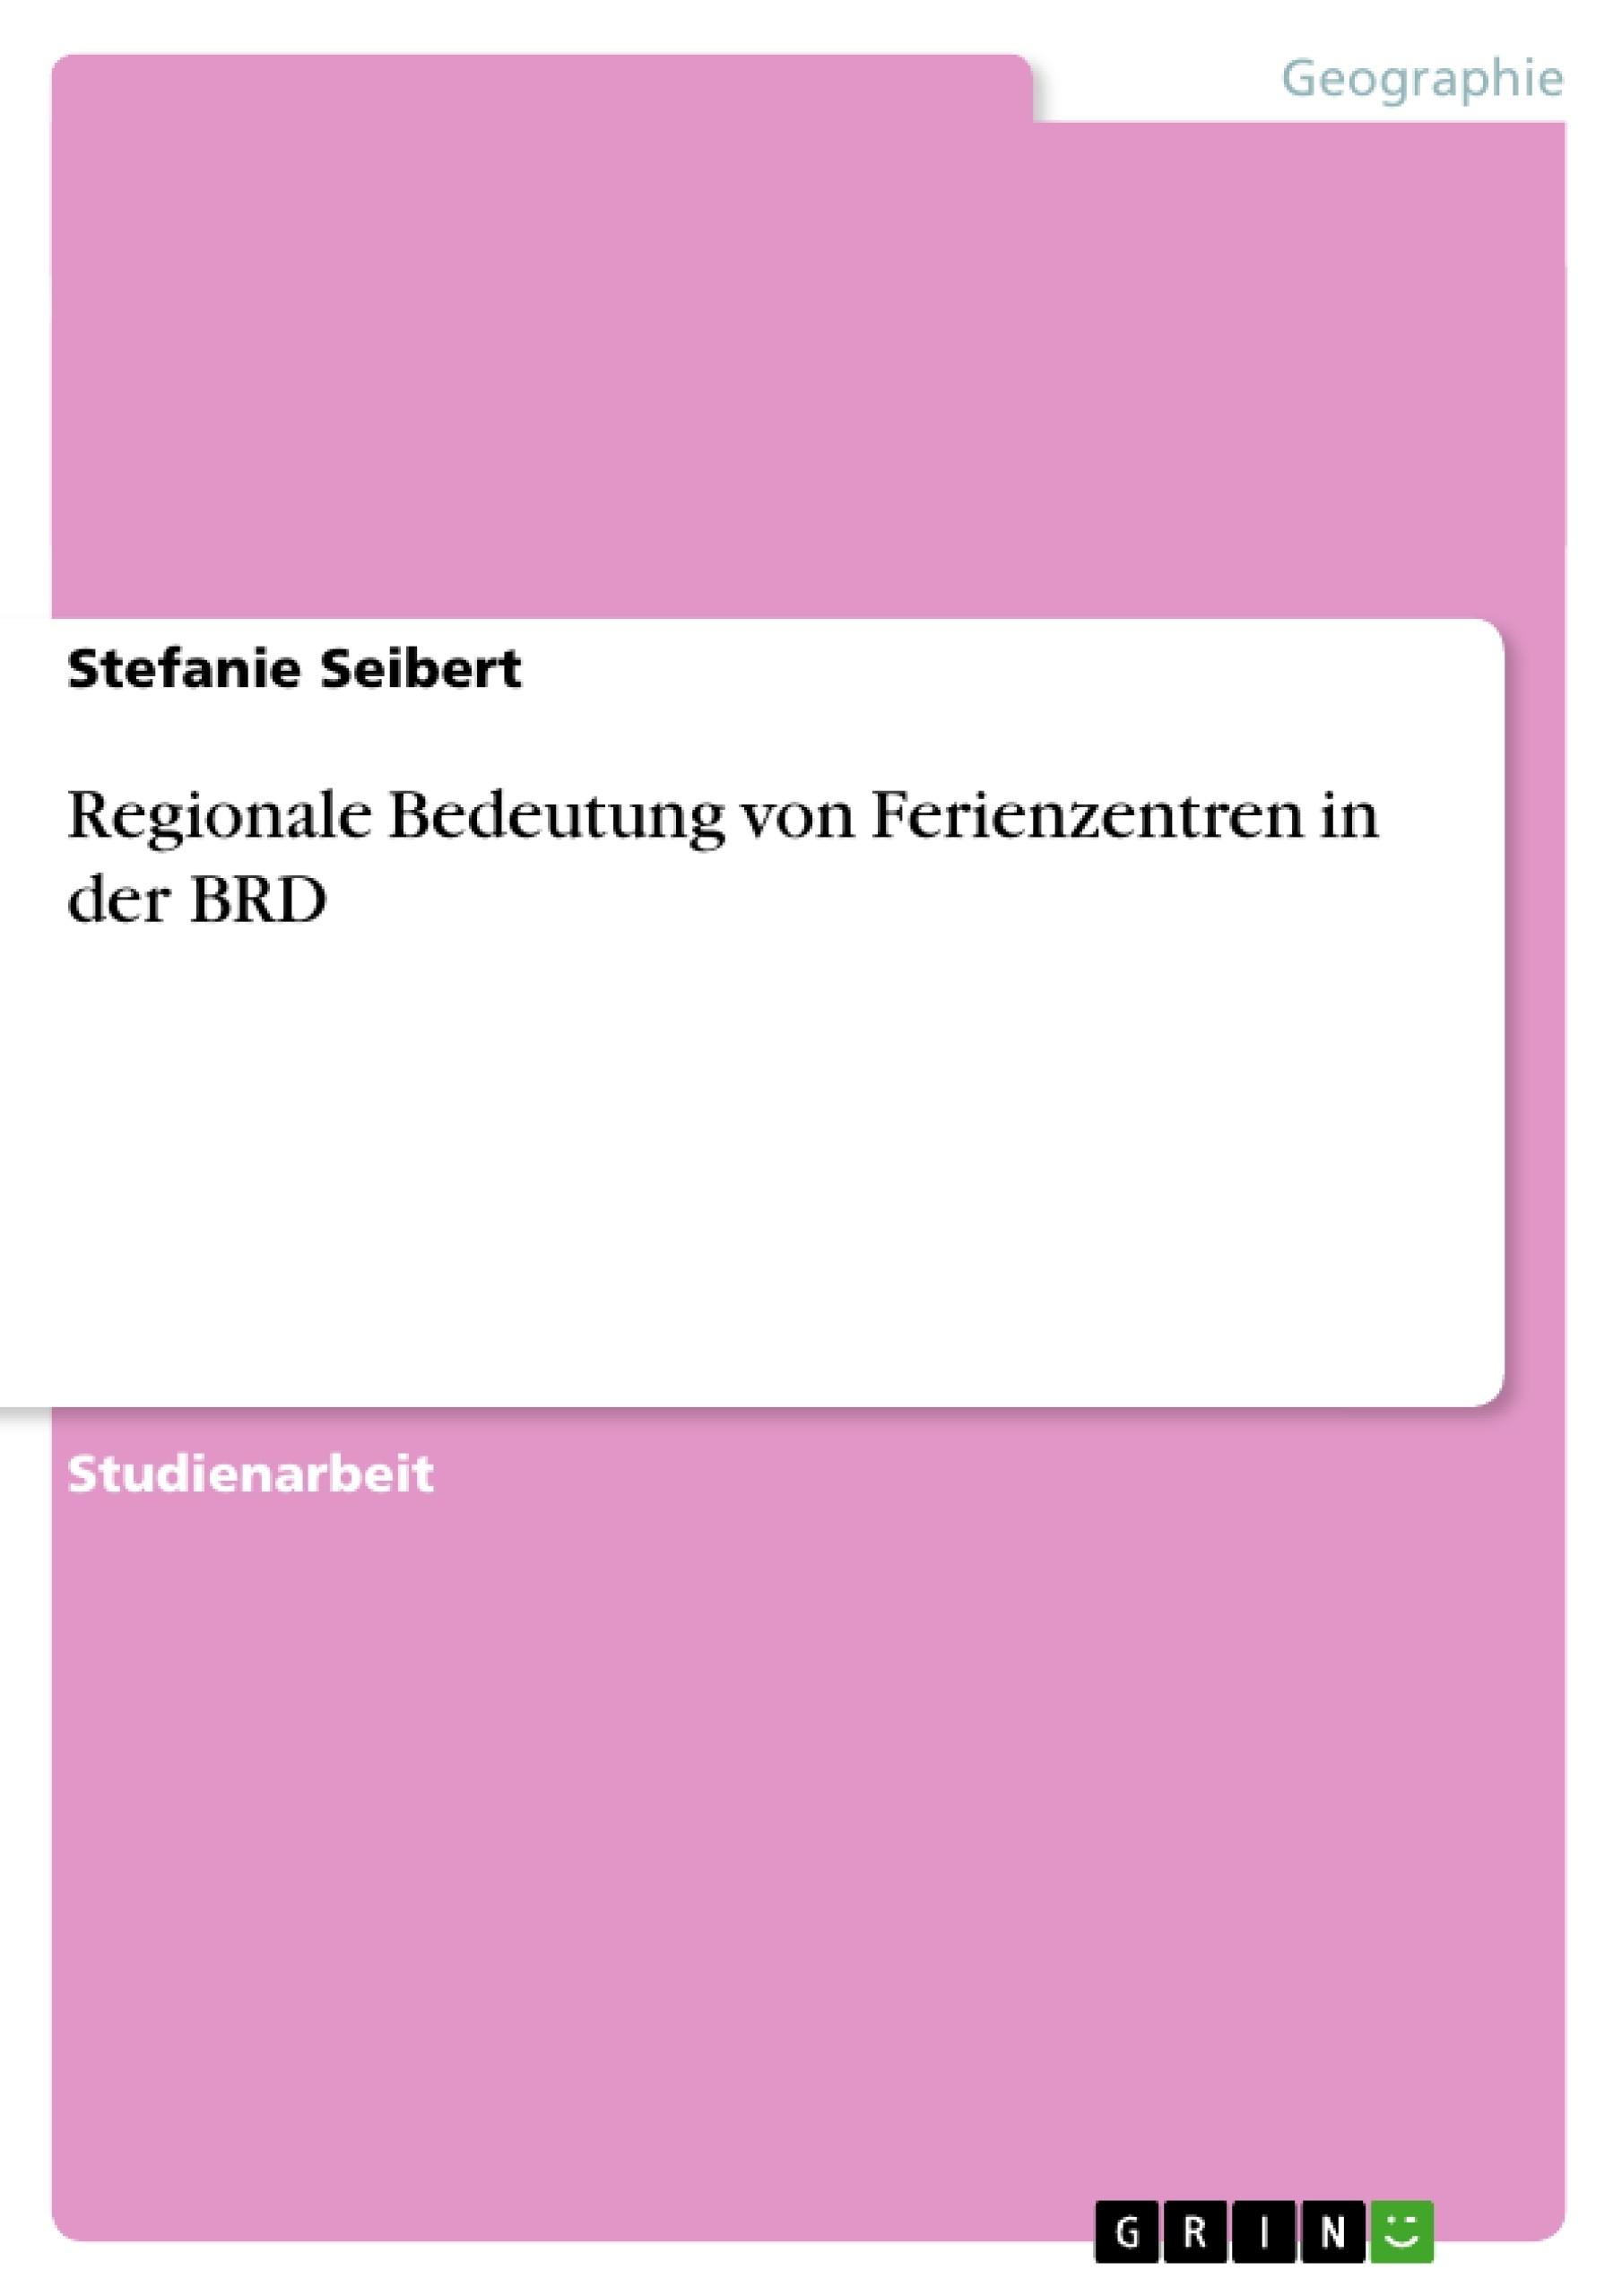 Titel: Regionale Bedeutung von Ferienzentren in der BRD